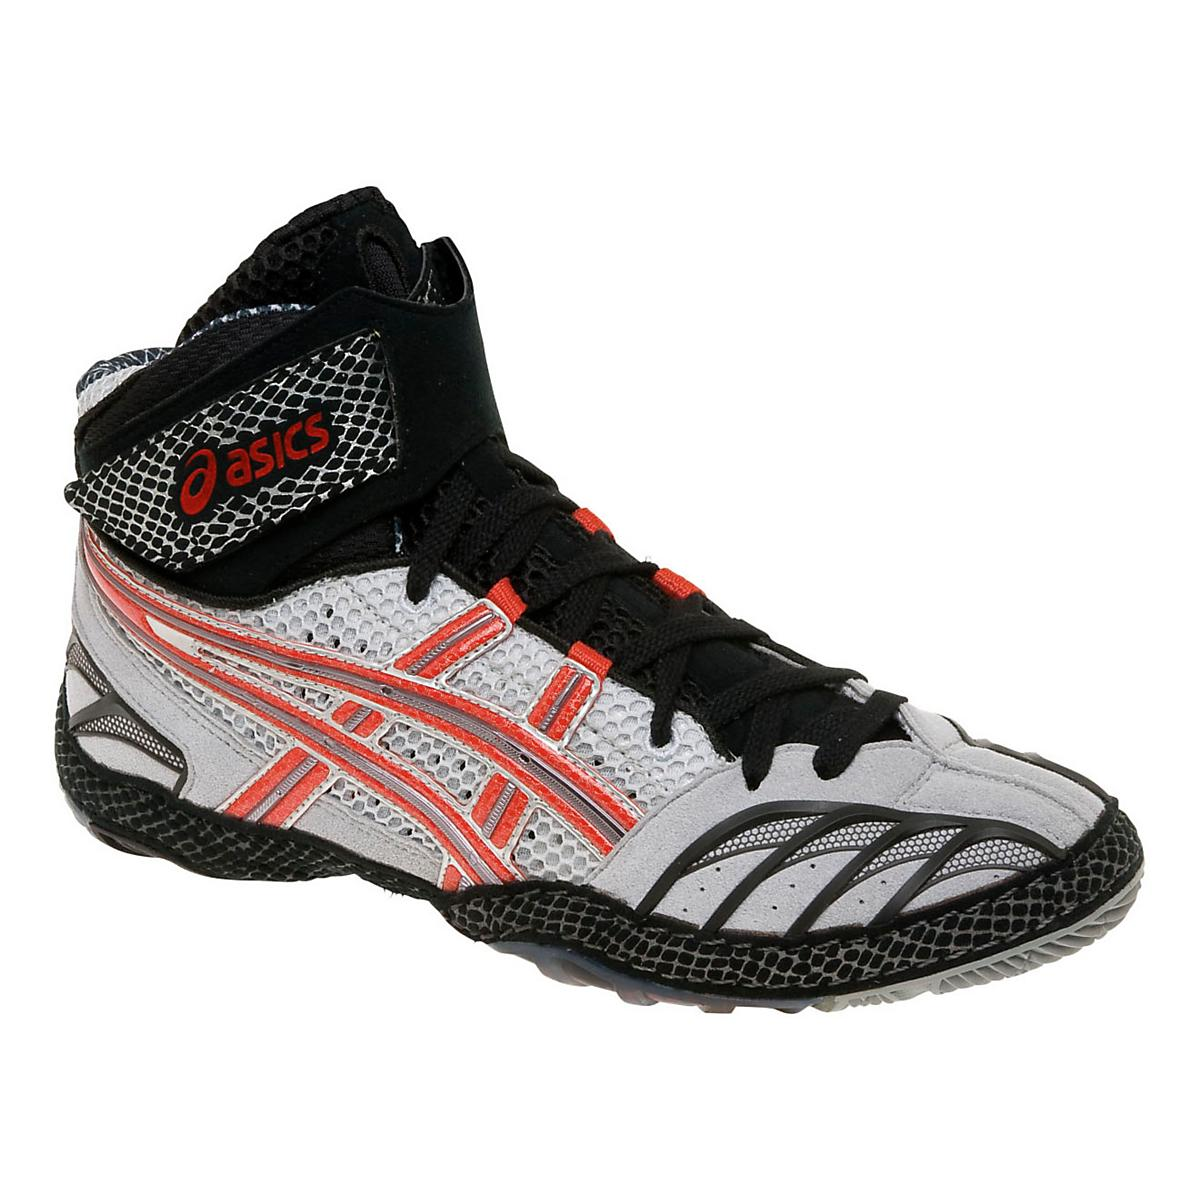 Chaussure Runner de lutte masculine ASICS Ultratek chez Road Ultratek Runner chez Sports a4014e1 - myptmaciasbook.club